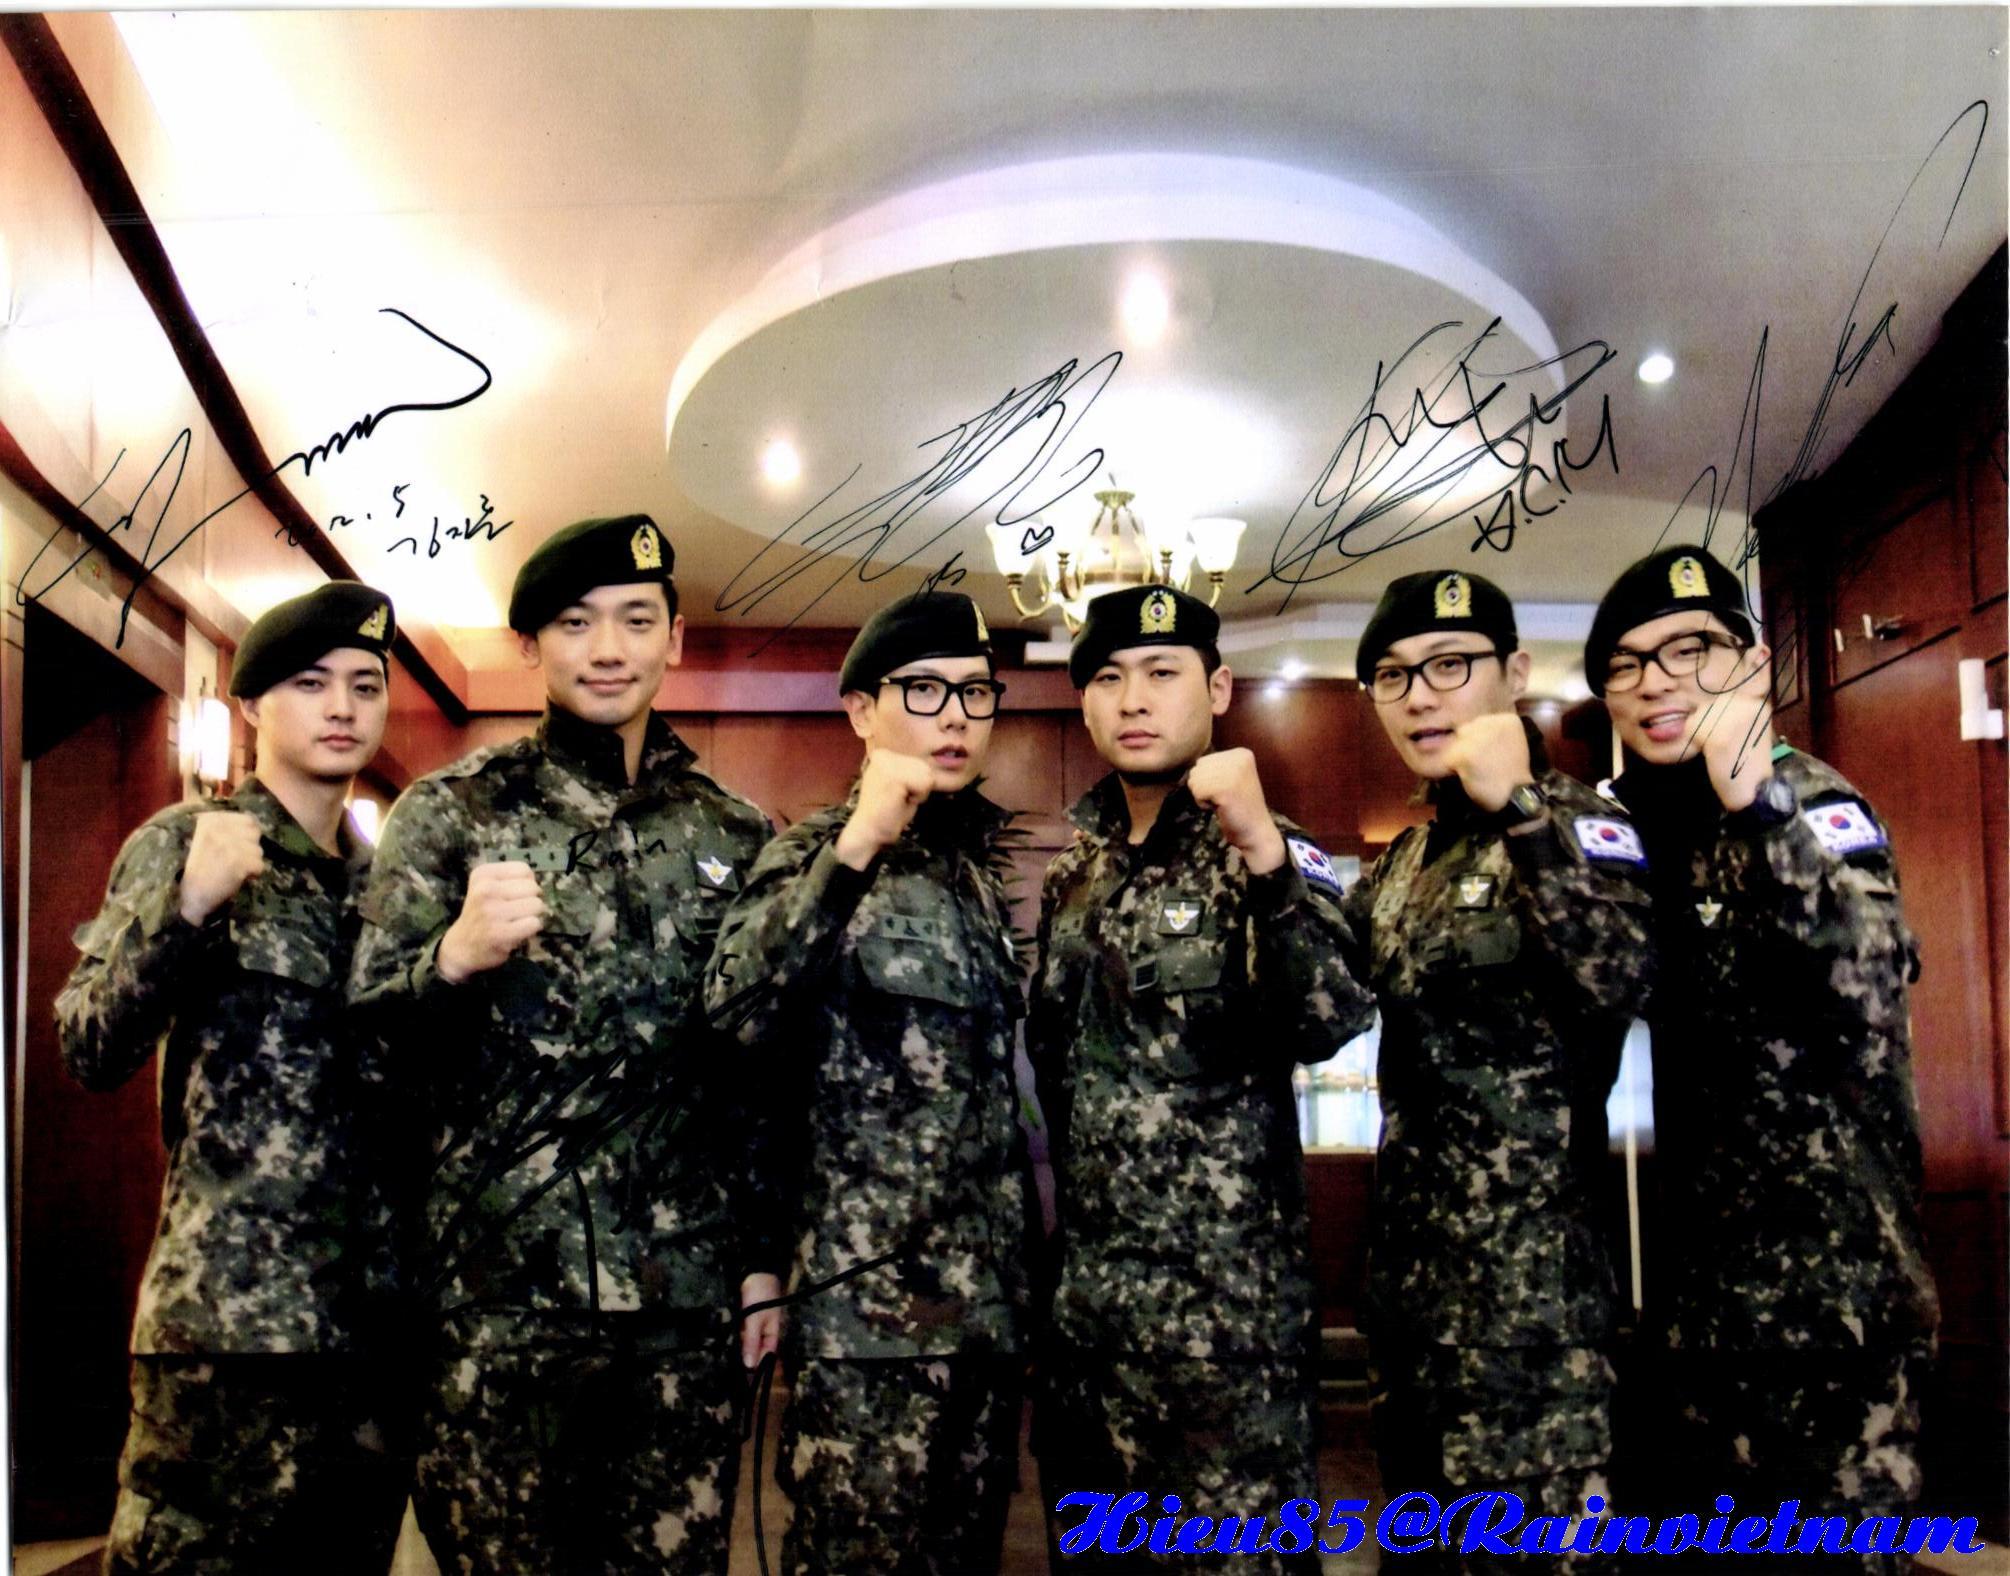 軍入隊したトップスターが海の向こうの済州島で一席に!_c0047605_23444217.jpg